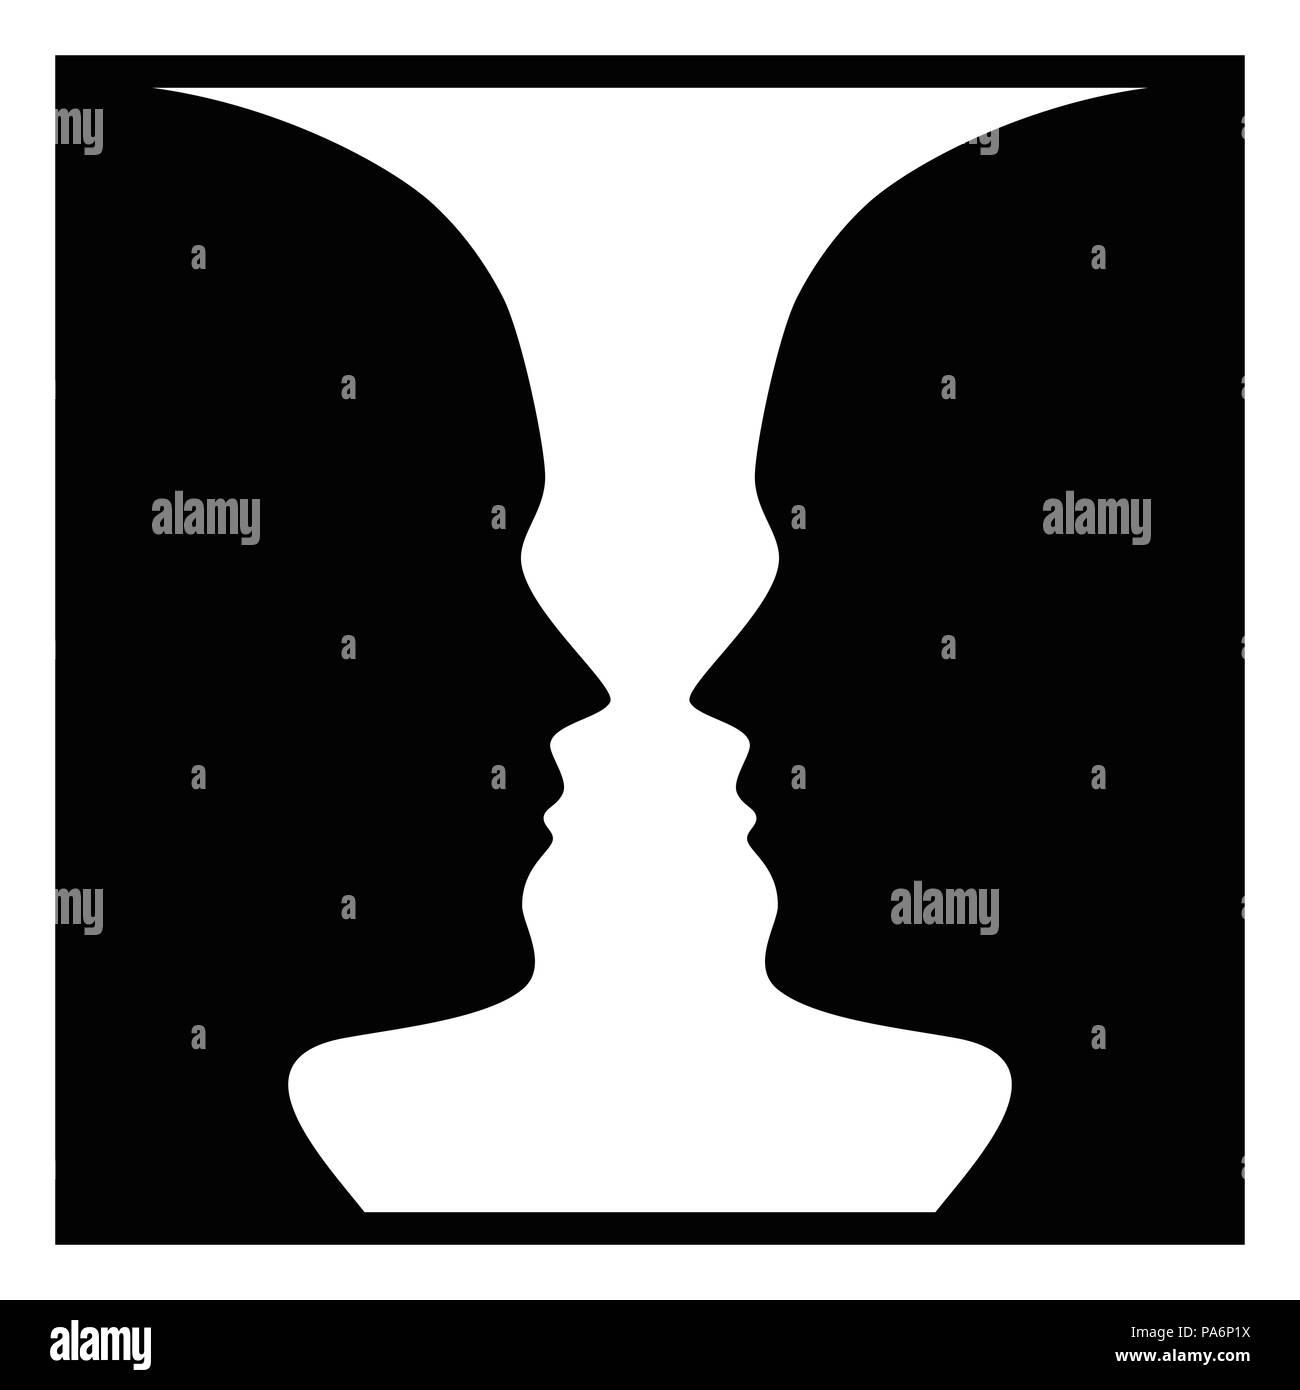 Figur-grund-Wahrnehmung, Gesicht und Vase. Abbildung - Boden Organisation. Perceptual Grouping. In der Gestaltpsychologie, die für eine Abbildung vom Hintergrund. Stockbild